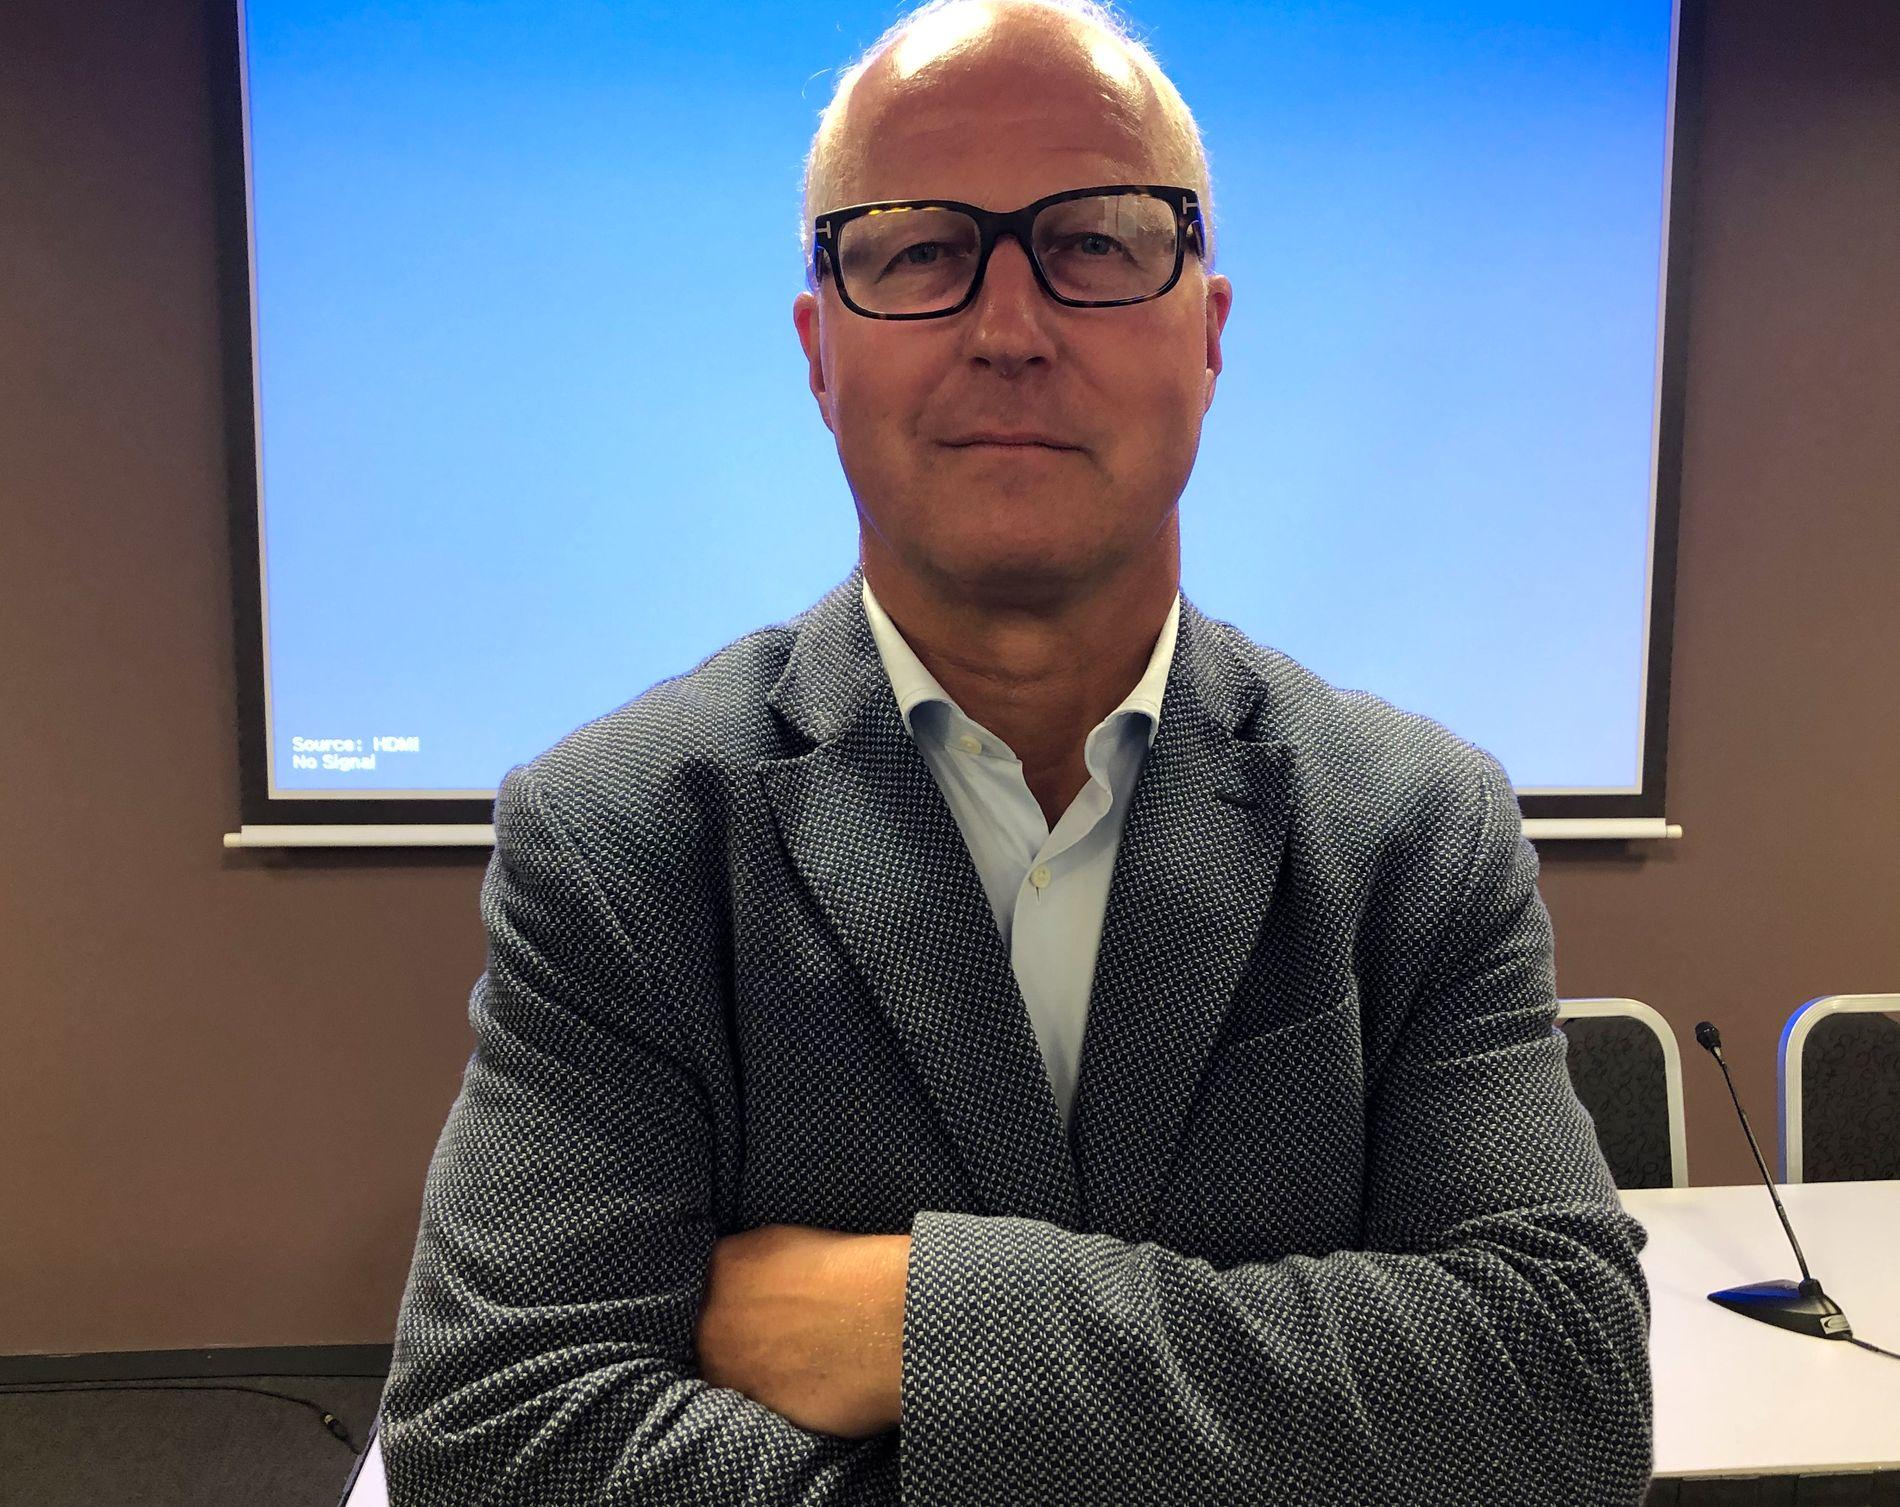 BYGGER SAMFERDSEL: Terje Rognlien er sekretariatsleder for Oslopakke 3, som innebærer bompengefinansiering og utbygging av store samferdselstiltak som ny T-banetunnel, Fornebu-bane og ny E18 i Bærum og Asker.